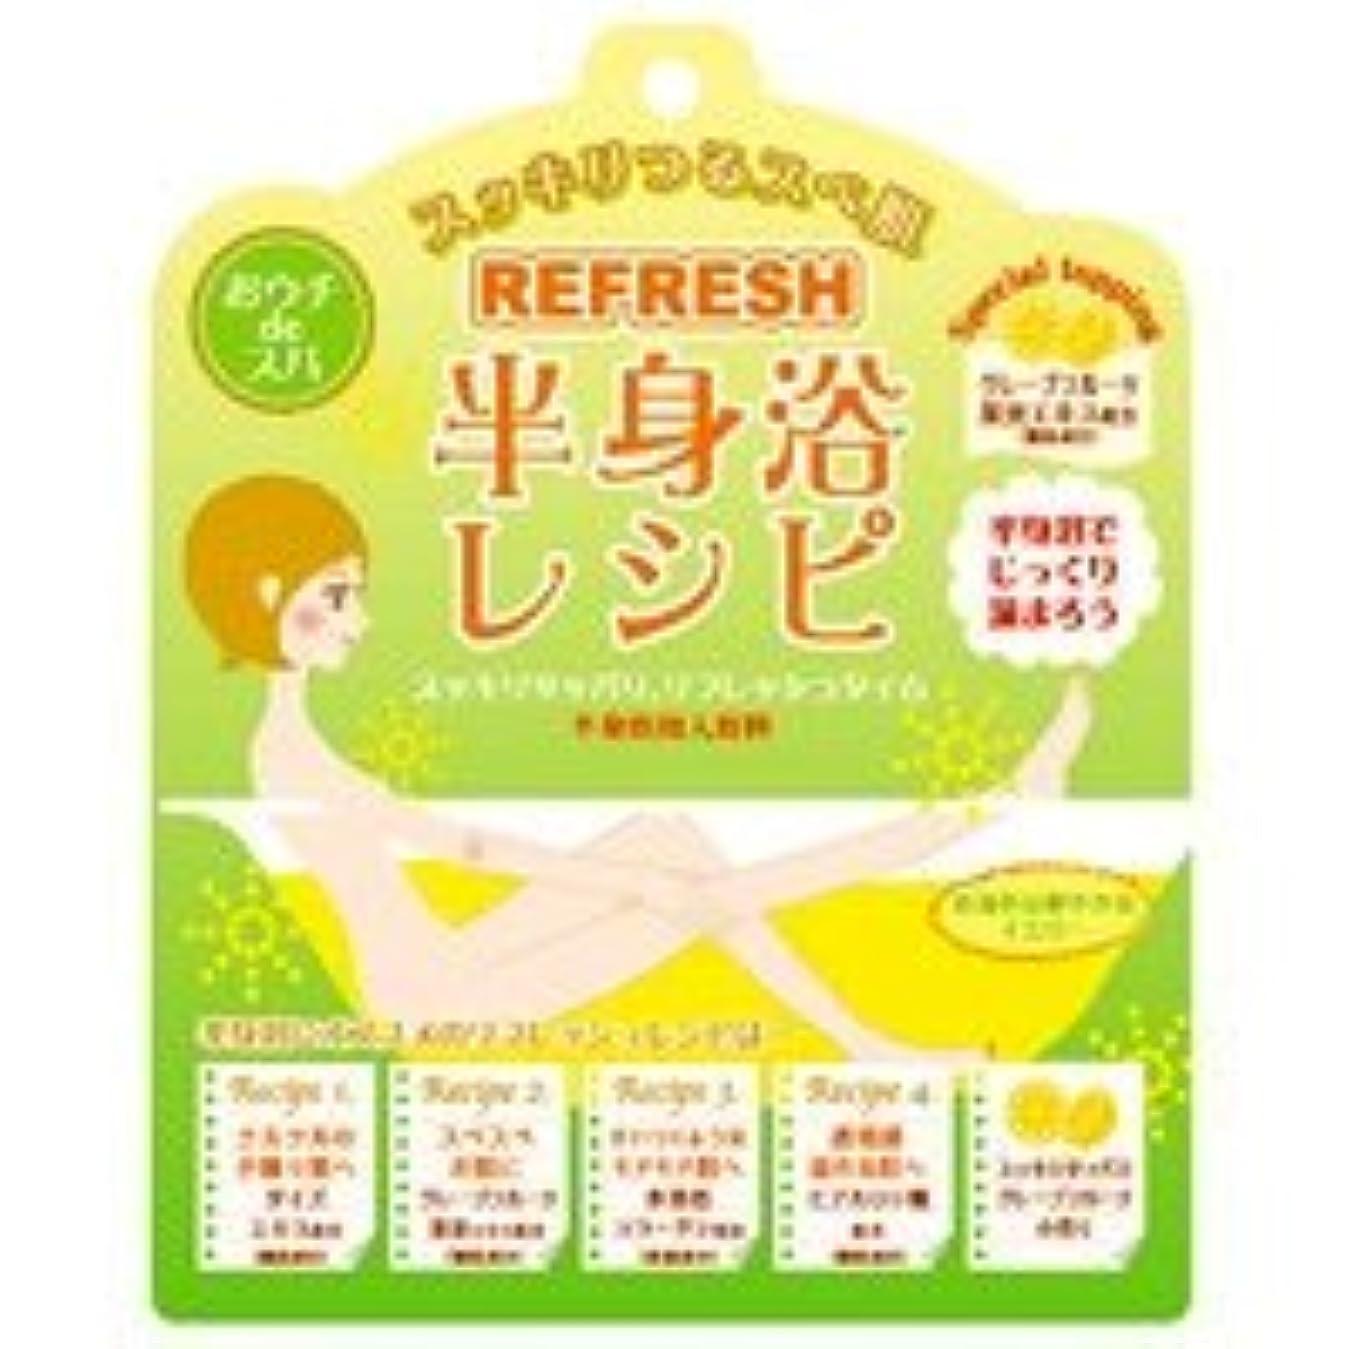 寛大さラウズセットする半身浴レシピ「リフレッシュレシピ」10個セット クリアイエローのお湯 スッキリサッパリなグレープフルーツの香り